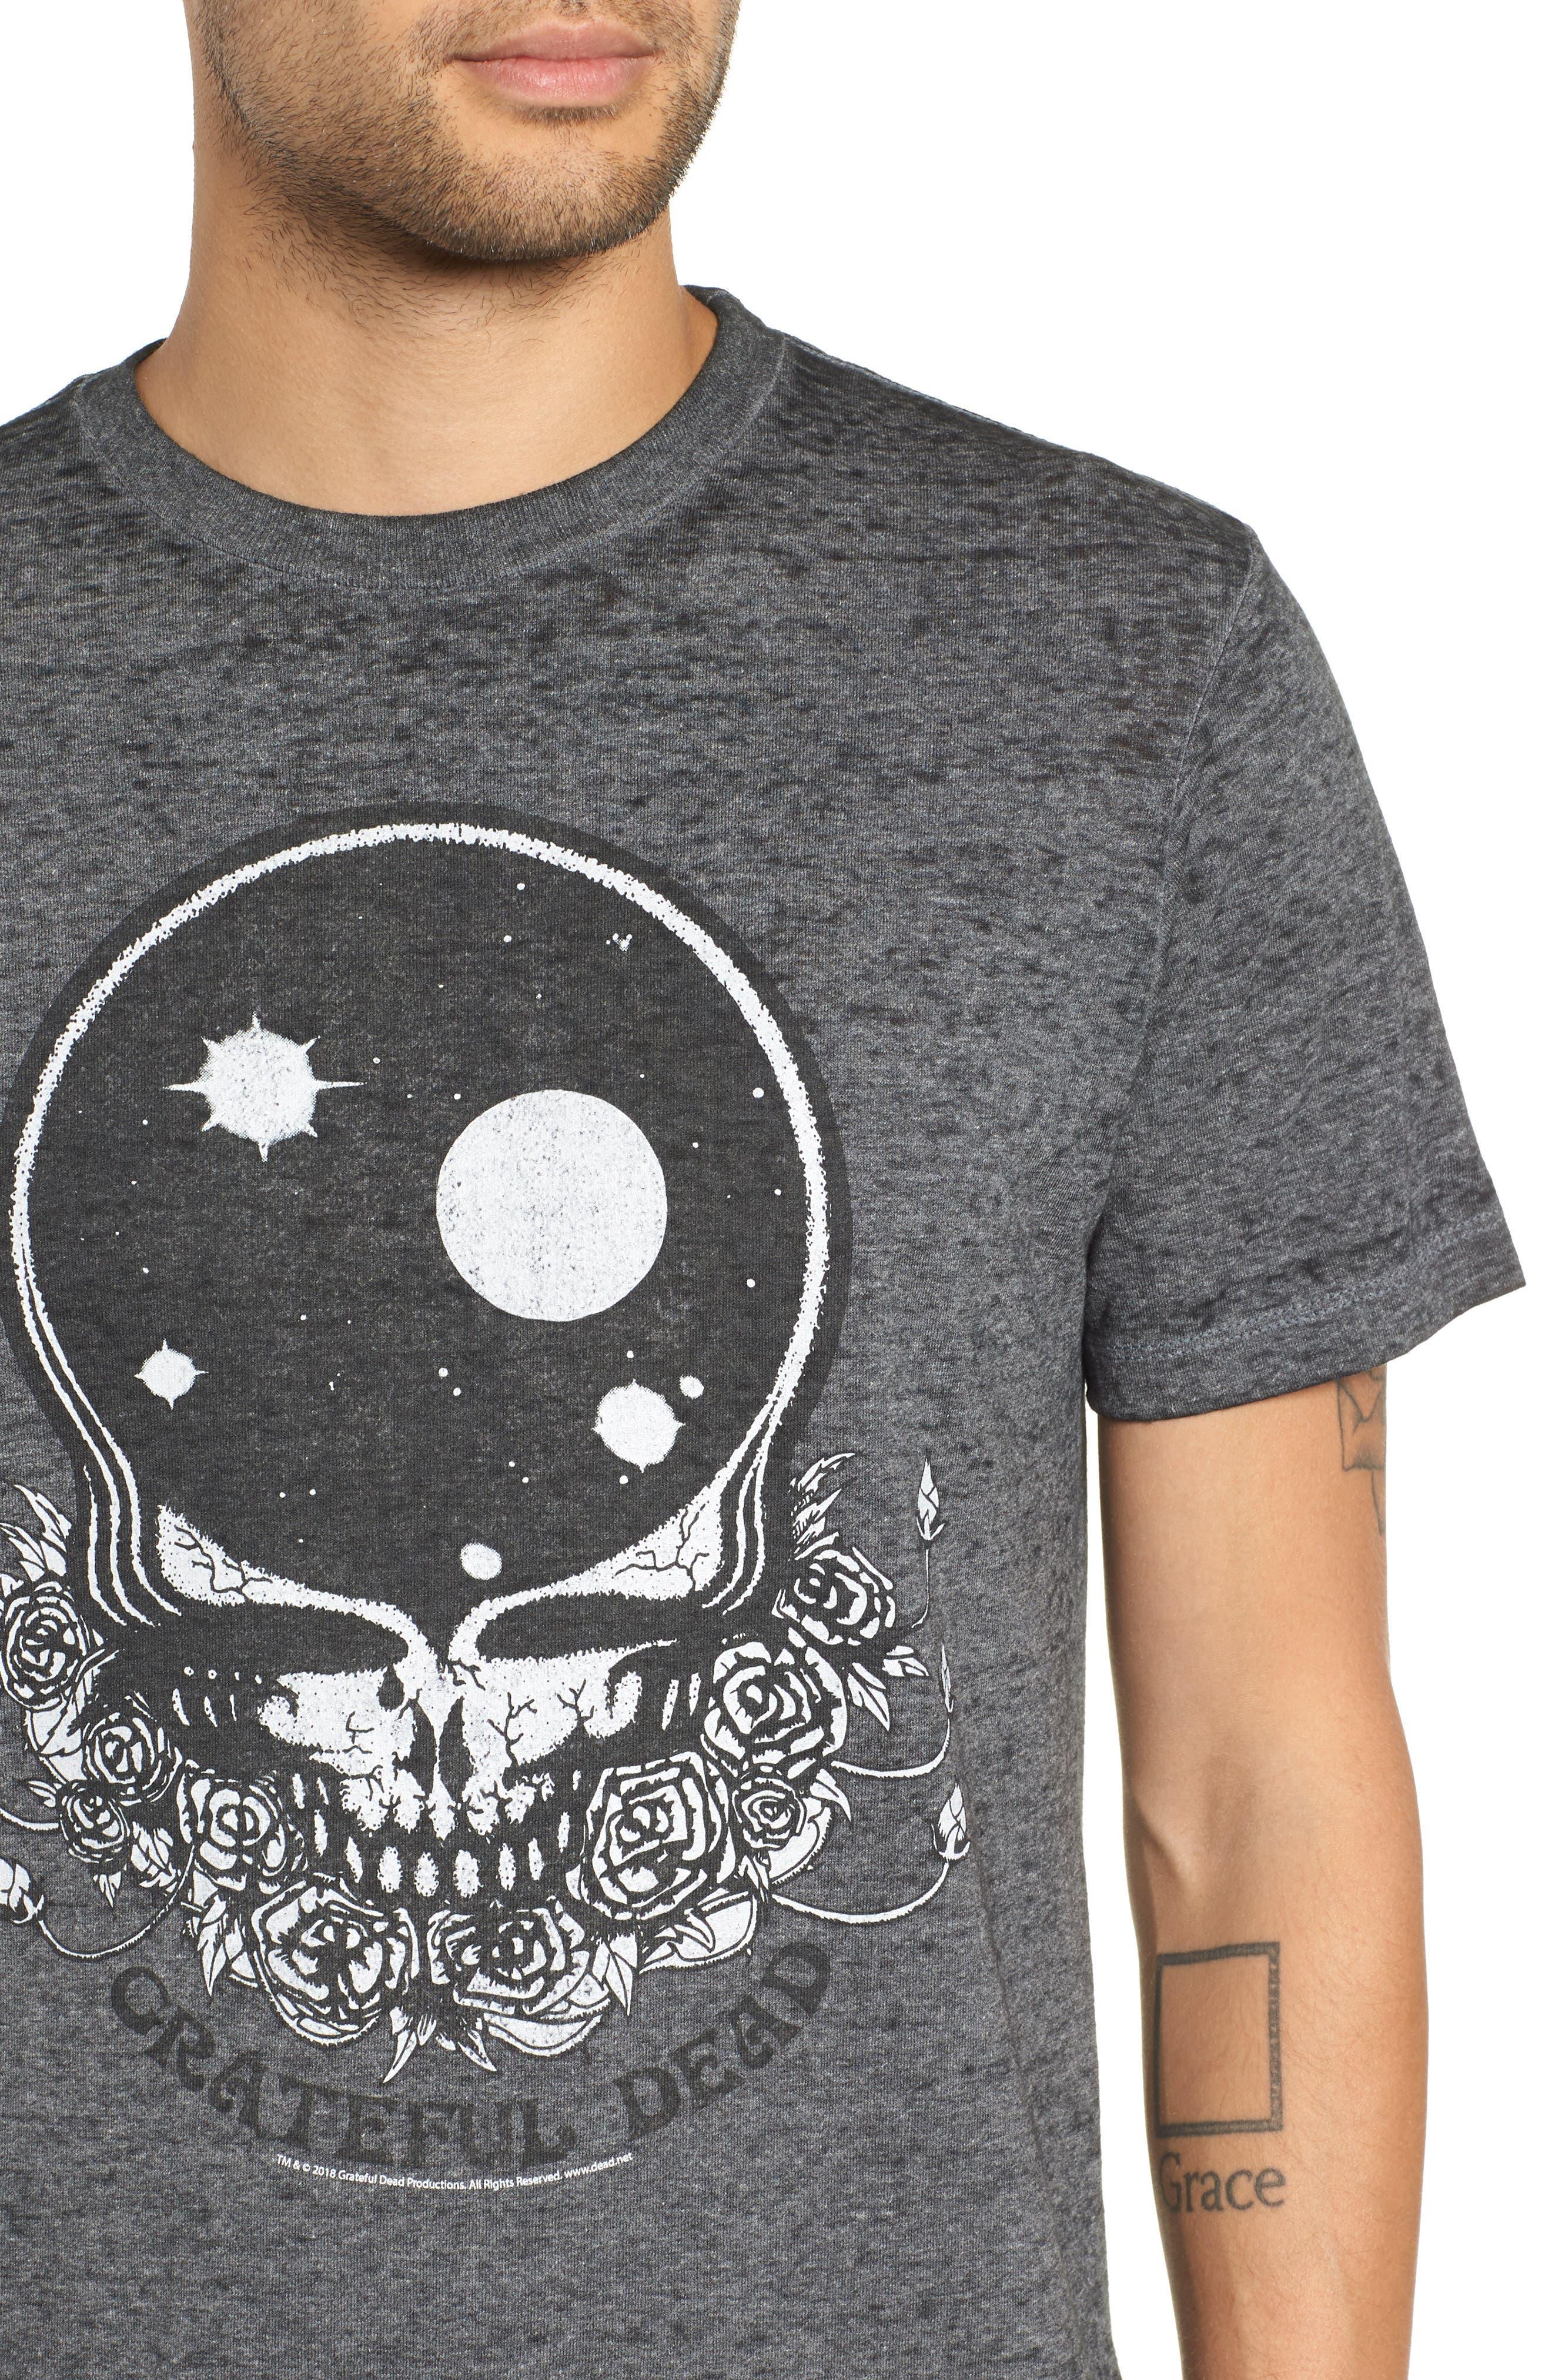 Grateful Dead Graphic T-Shirt,                             Alternate thumbnail 4, color,                             030